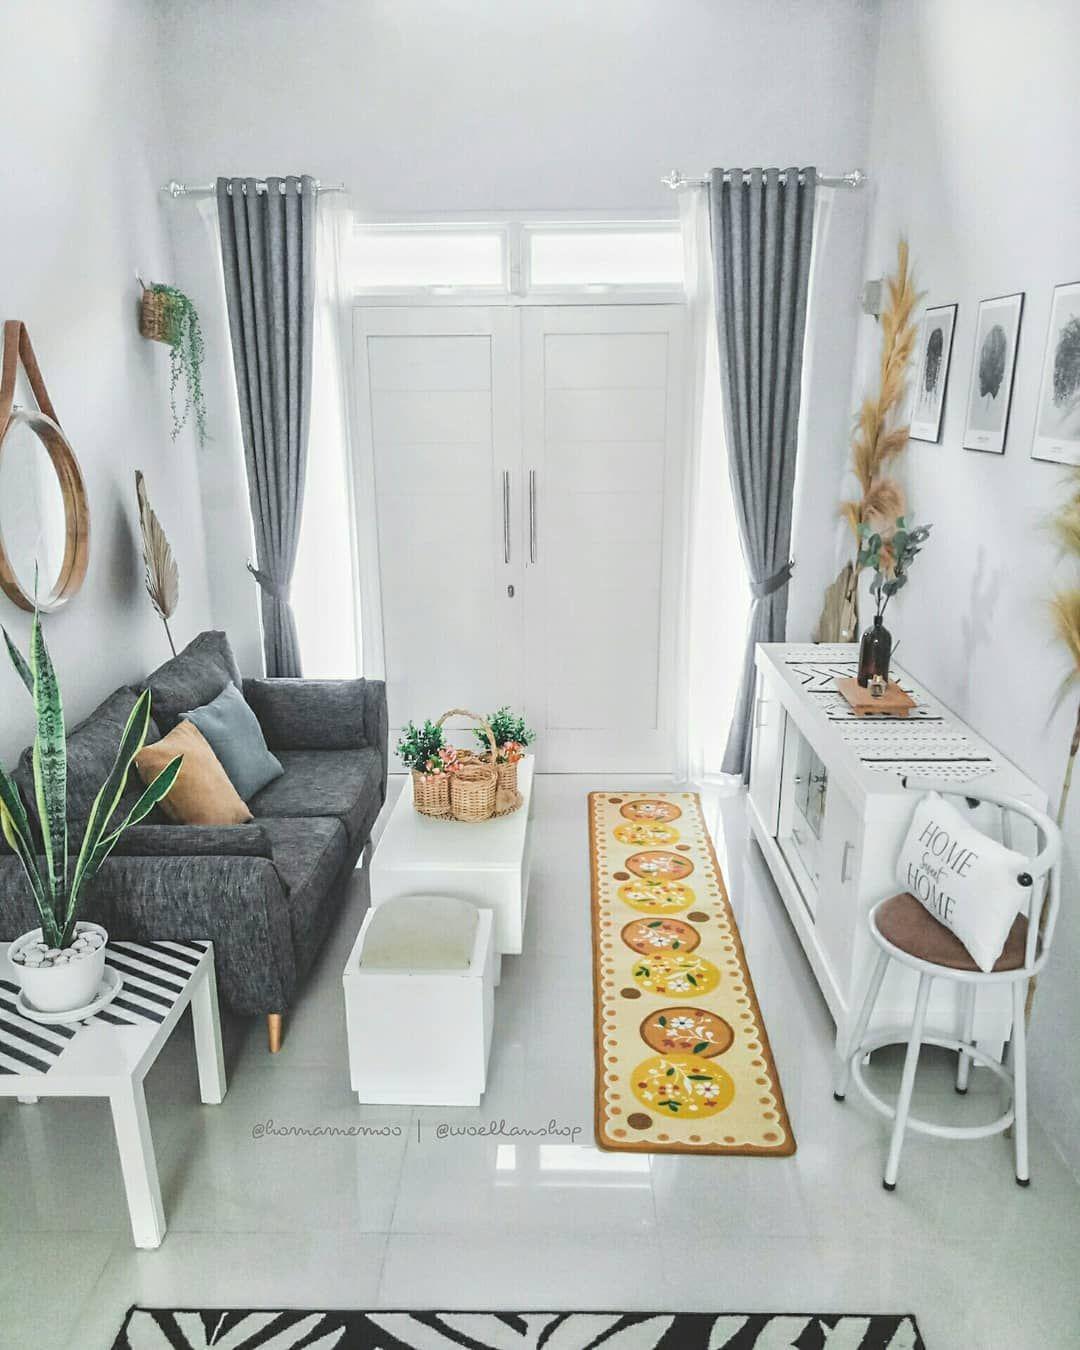 452 Likes 43 Comments Inspirasi Rumah Tanpa Sekat Homamemoo On Instagram Assalamu Alaikum Ternyata Biki Rumah Ide Dekorasi Rumah Ide Dekorasi Kamar